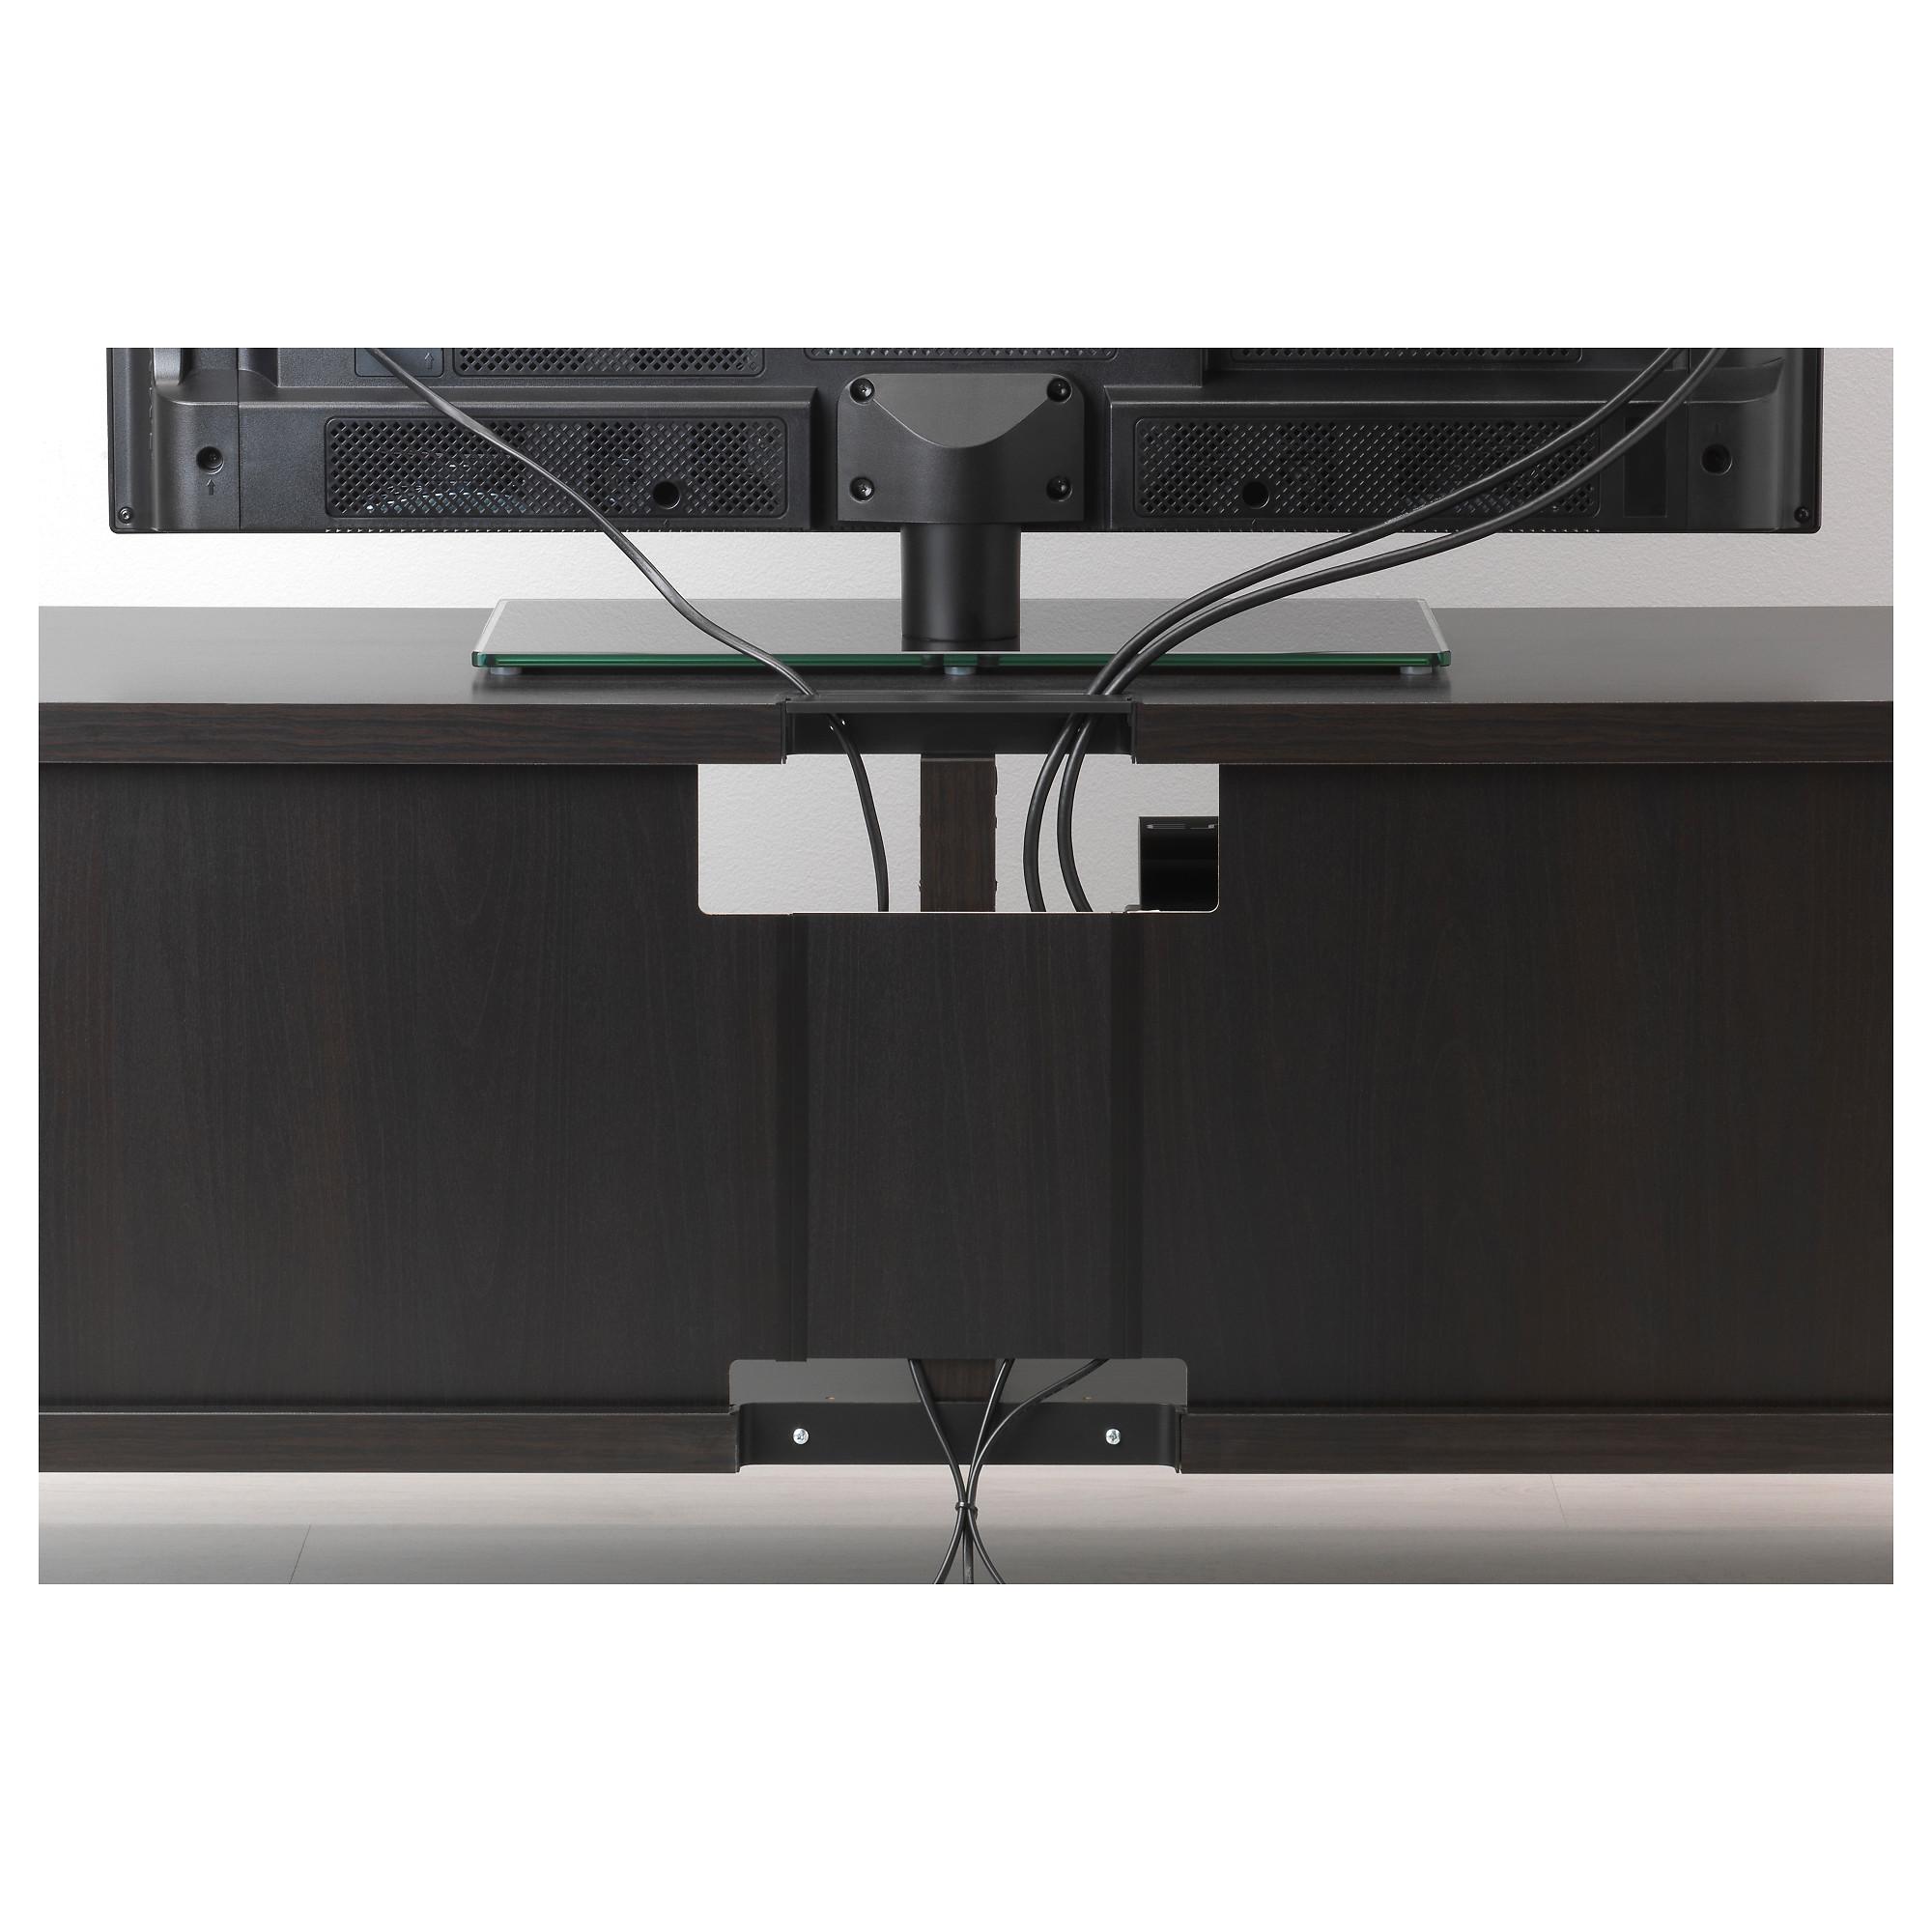 Шкаф для ТВ, комбинированный, стекляные дверцы БЕСТО черно-коричневый артикуль № 892.504.77 в наличии. Интернет каталог IKEA Беларусь. Быстрая доставка и монтаж.